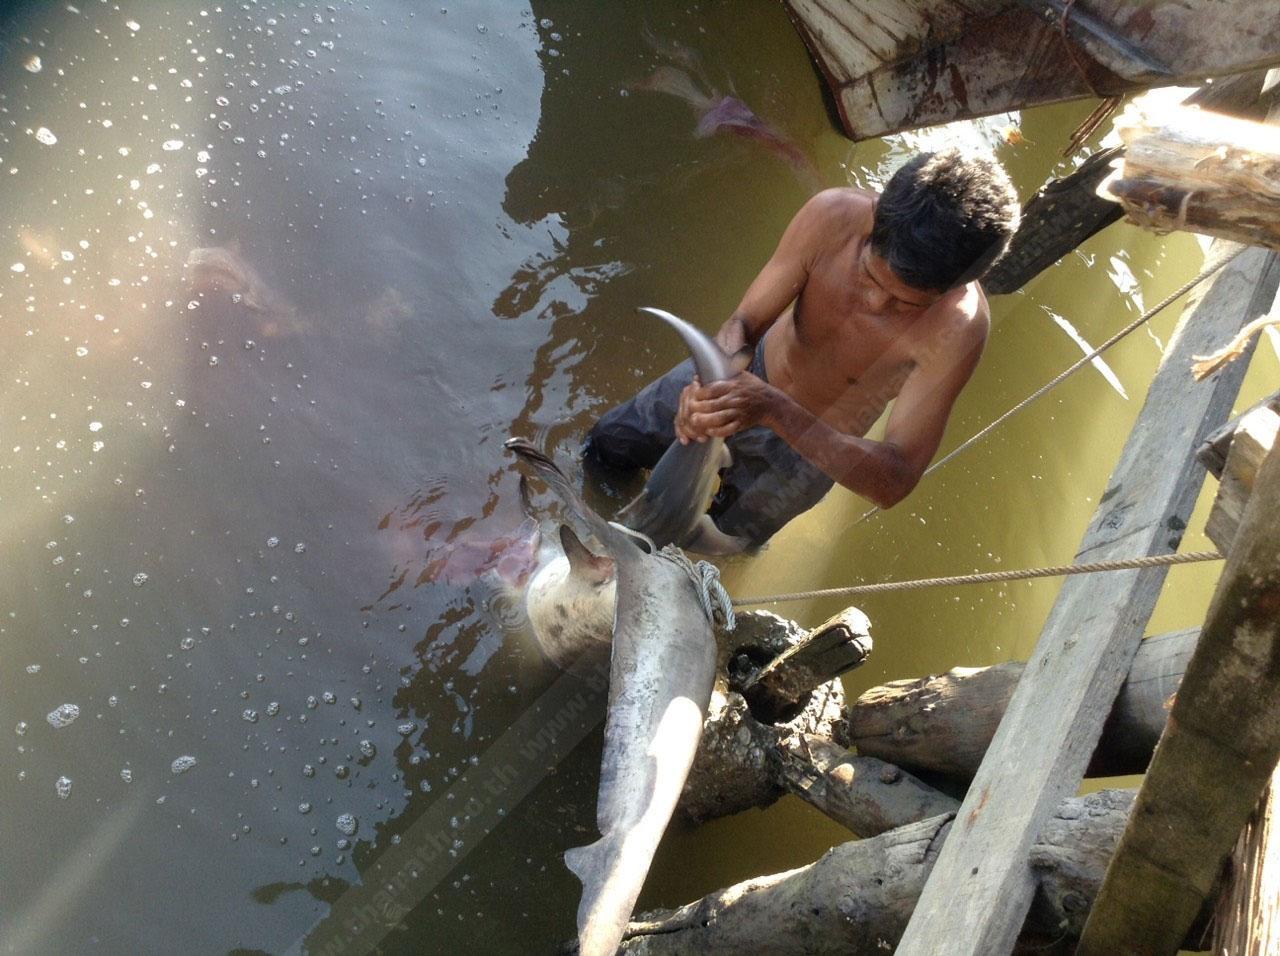 ชาวบ้านช่วยกันลากซากฉลามขึ้นฝั่ง เพื่อตรวจสอบ